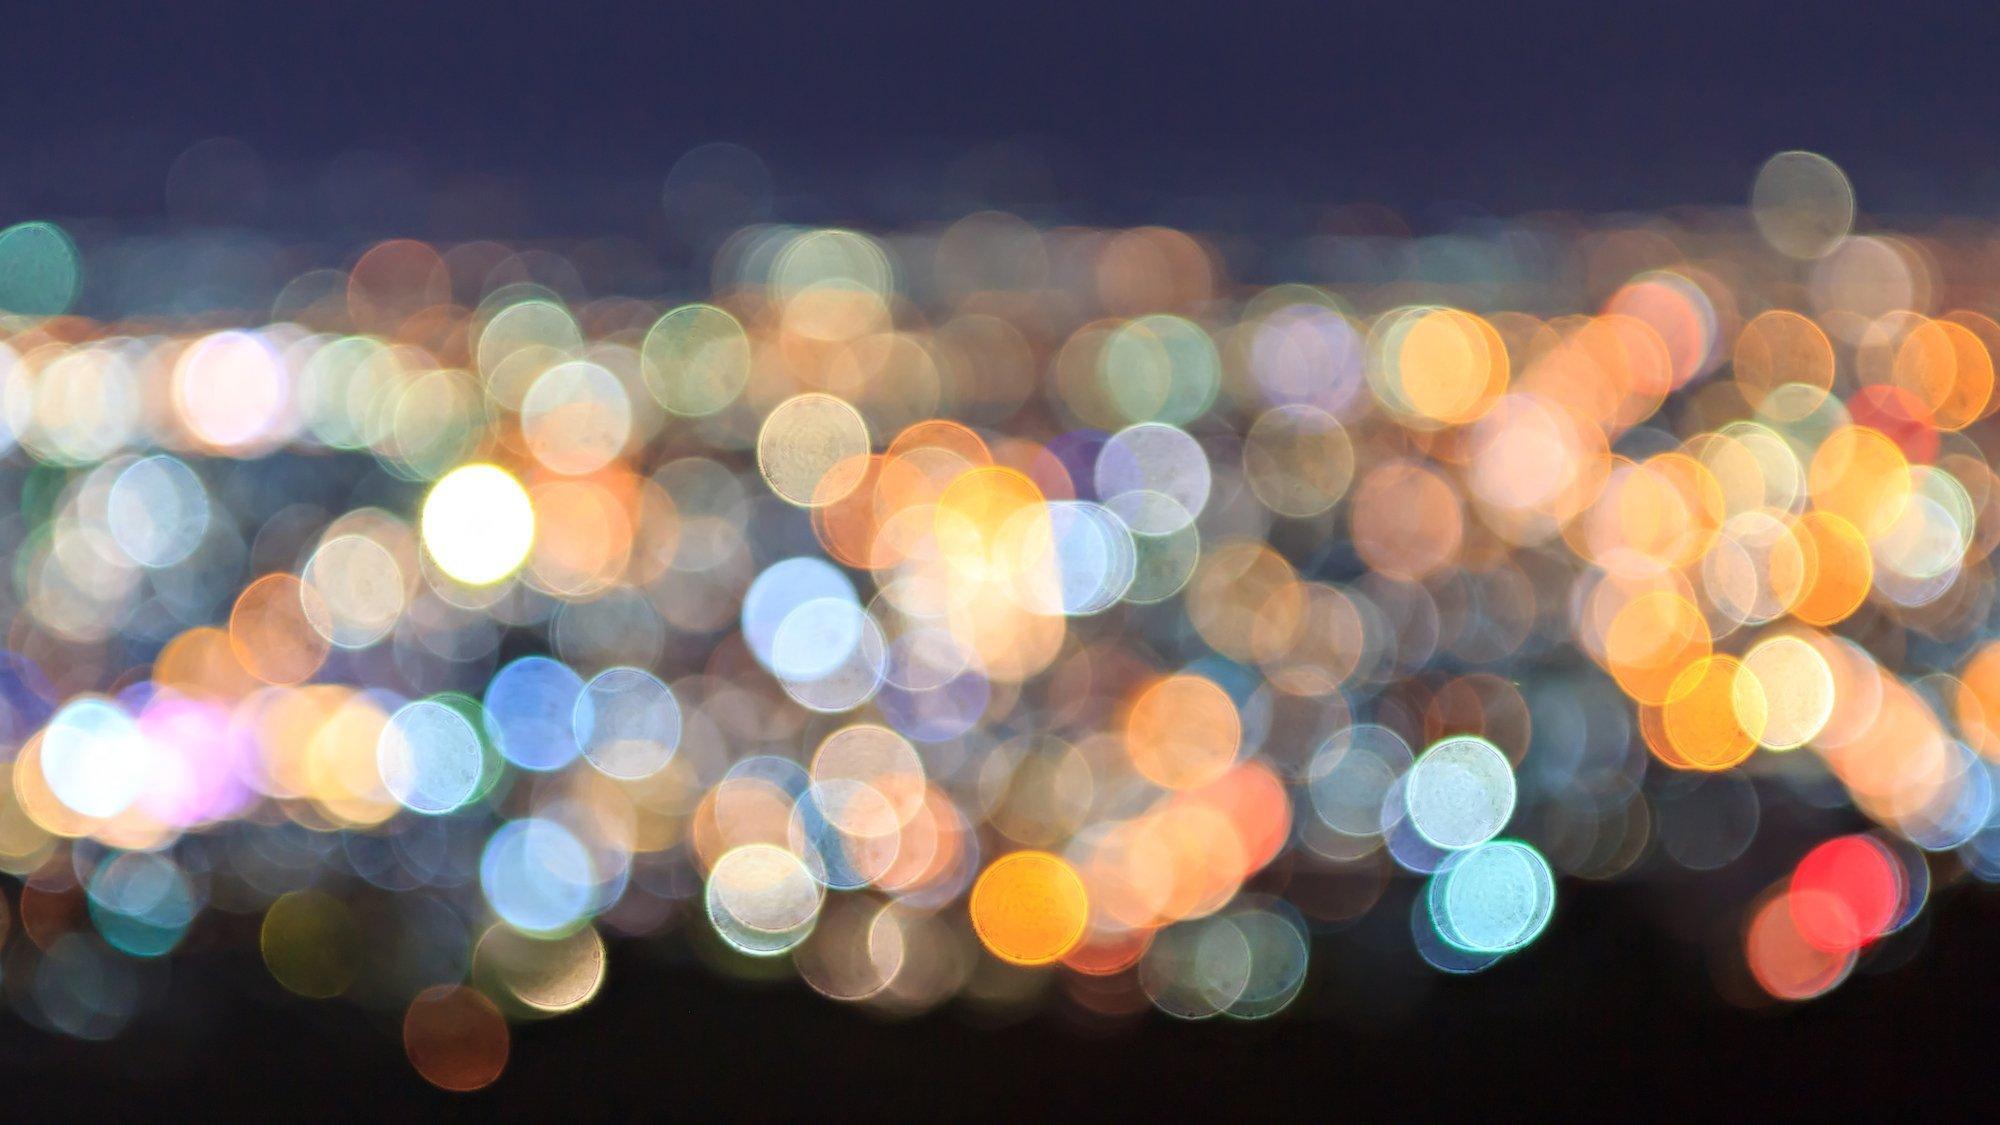 Abstrakte Lichtmuster, die Lichtverschmutzung symbolisieren sollen